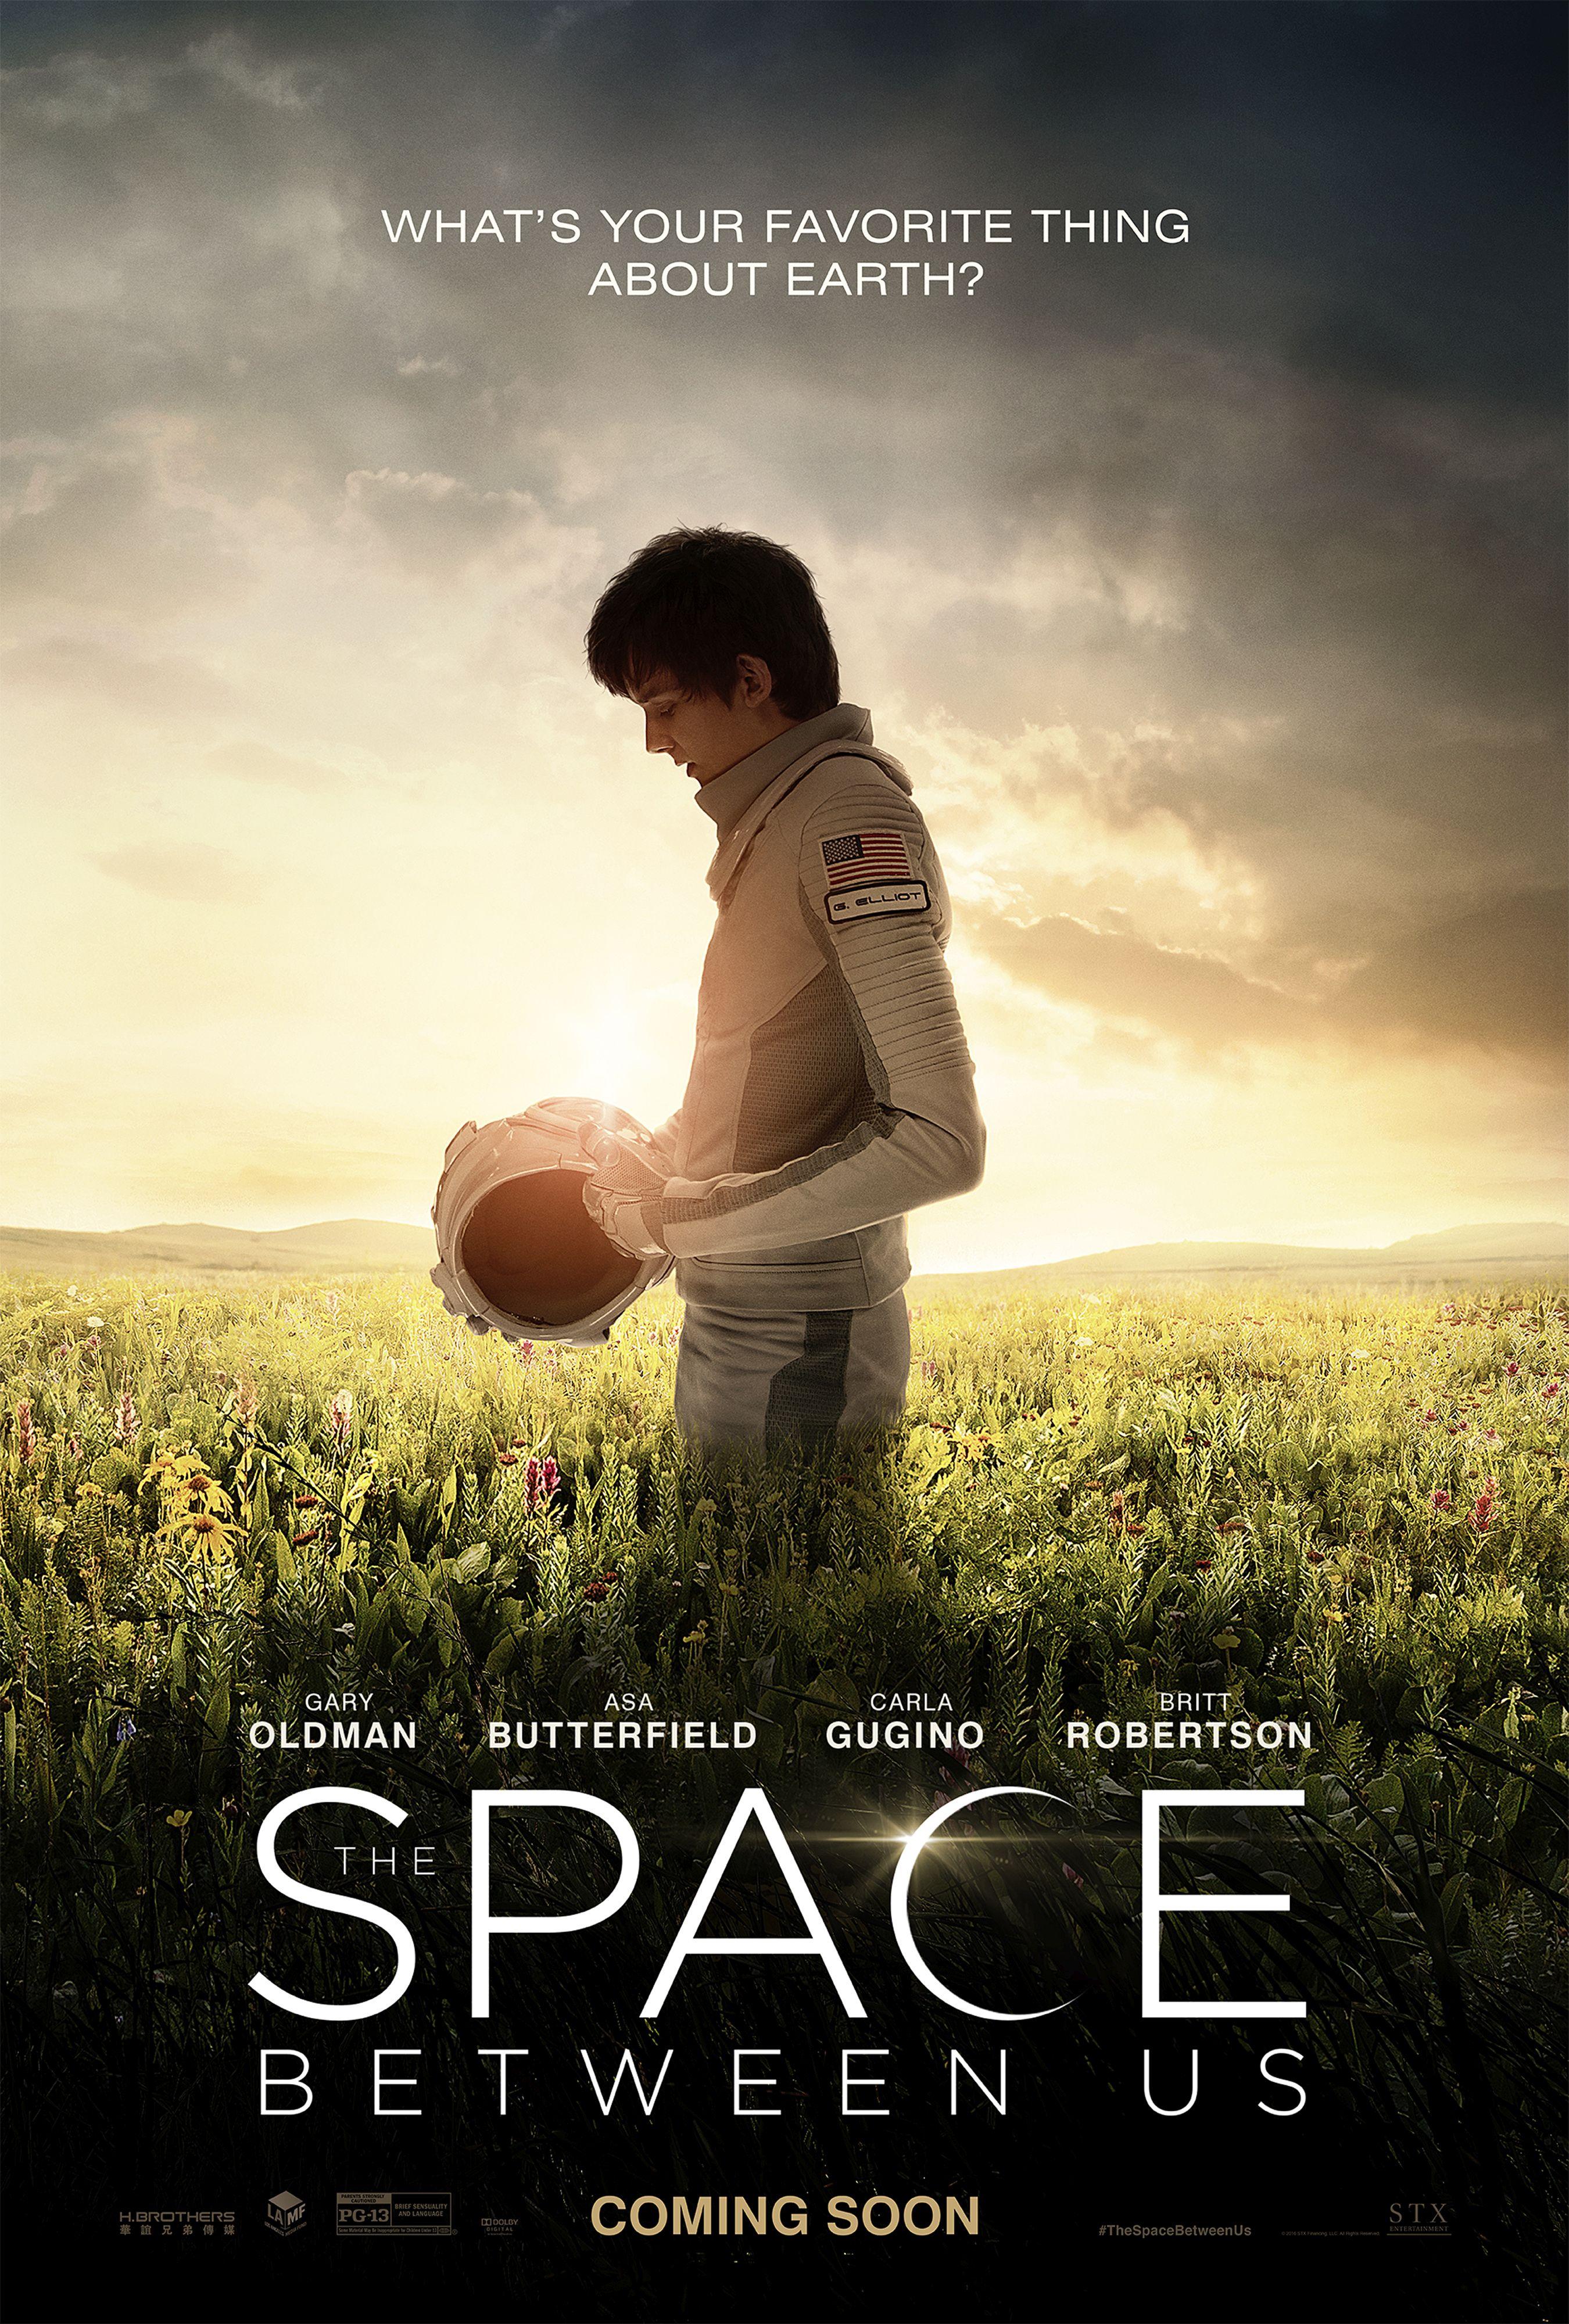 371-the-space-between-us.jpg